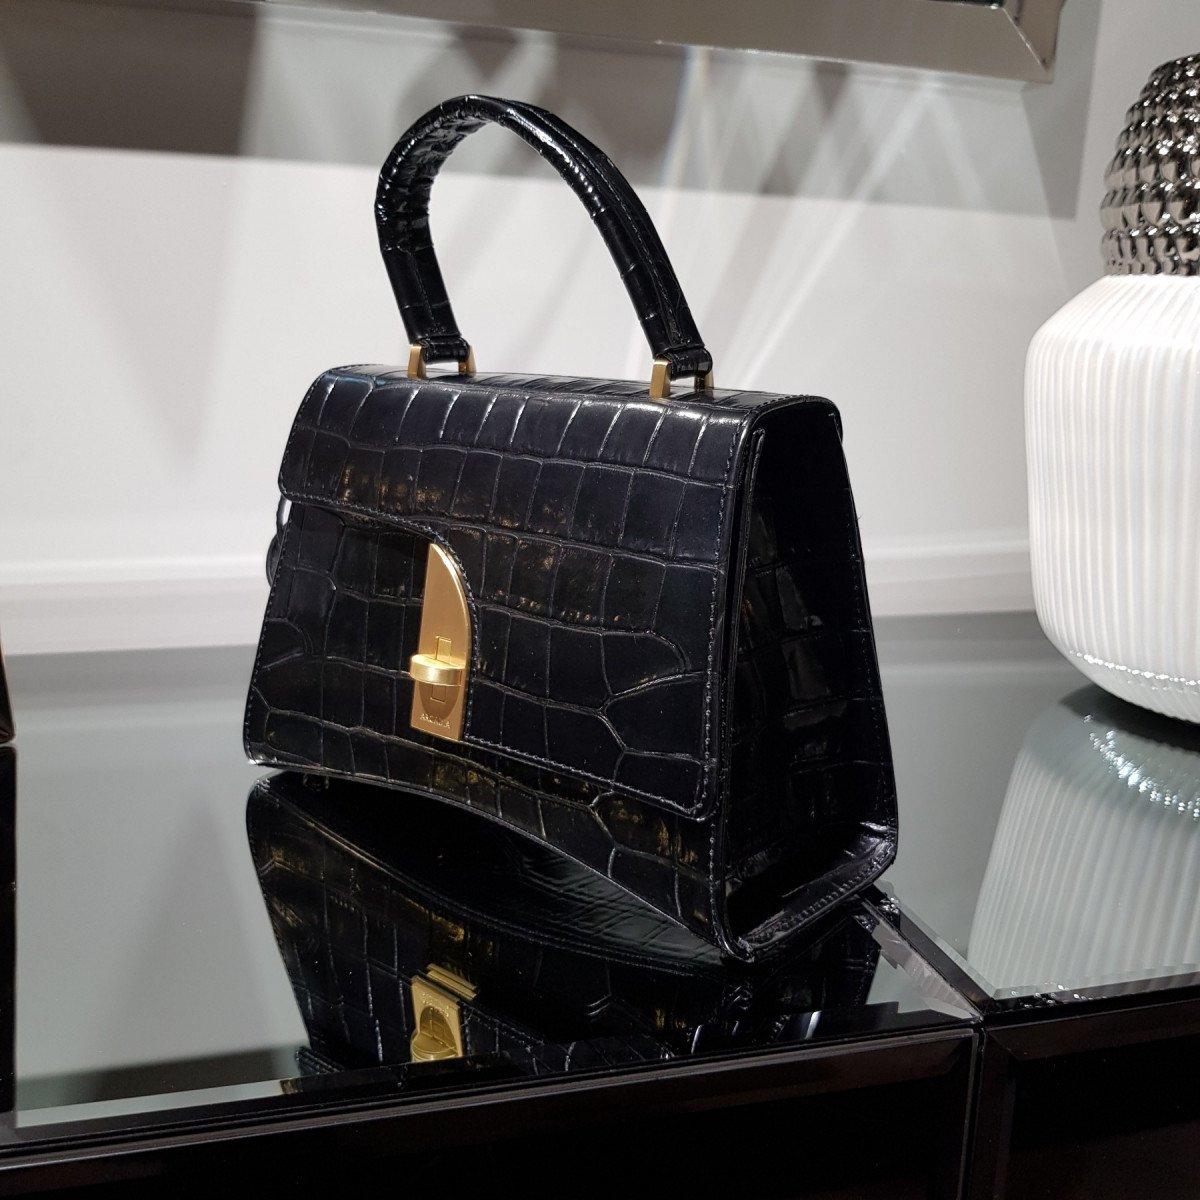 Итальянская женская сумка Arcadia 6791 balu nero из натуральной кожи